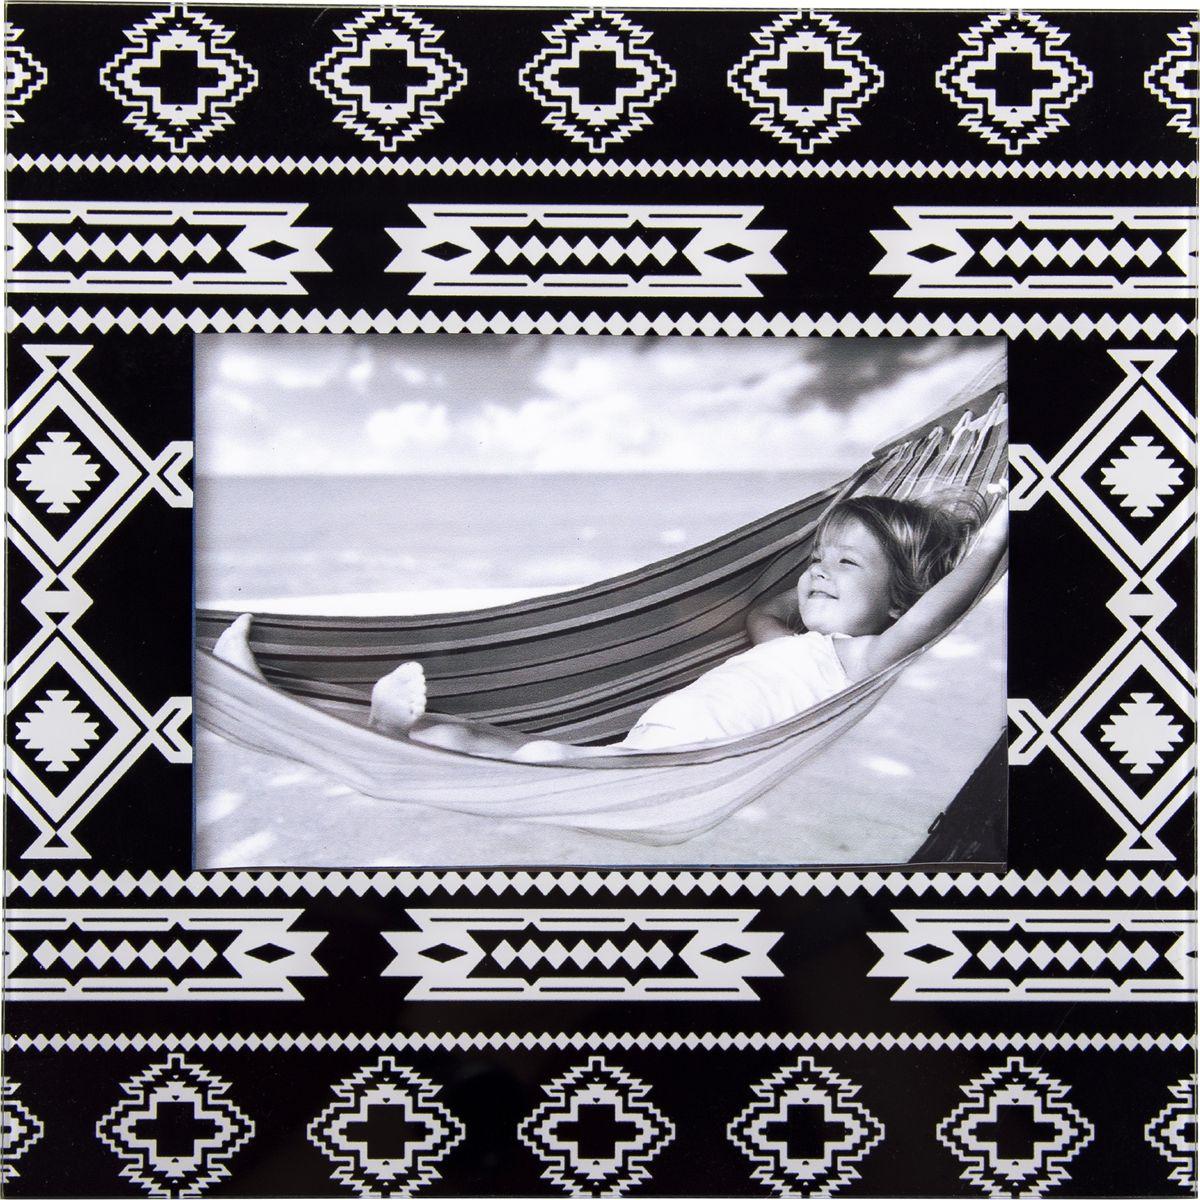 Фоторамка Русские подарки, 78955, черный, с орнаментом 22 х 22 х 1 см опустошитель 22 хронос